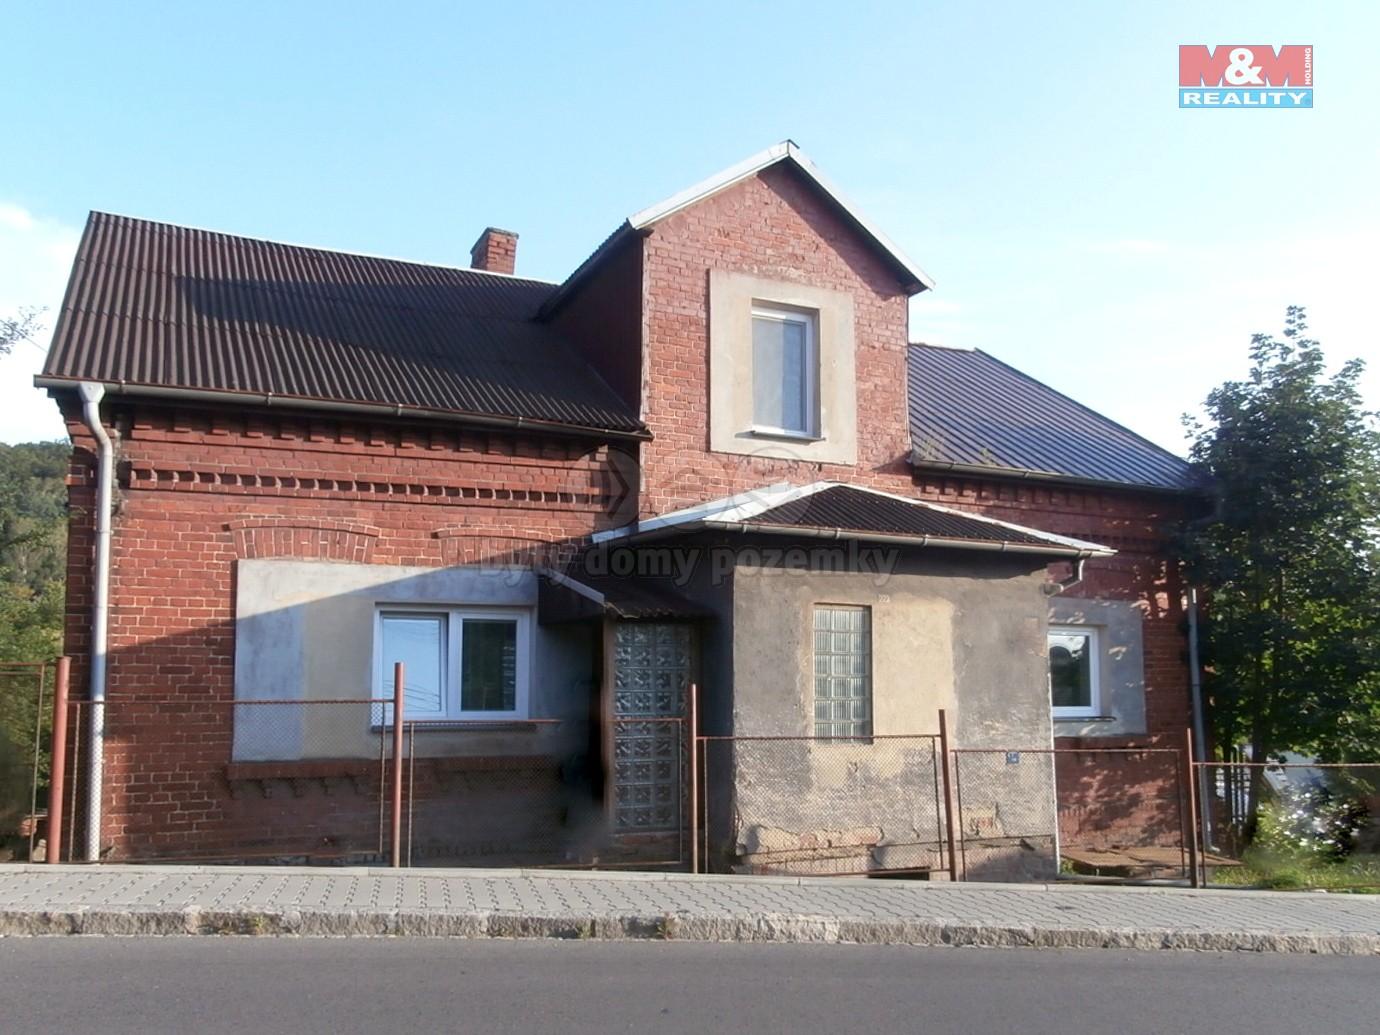 Prodej, rodinný dům 5+2, 240 m2, Ostrava - Petřkovice